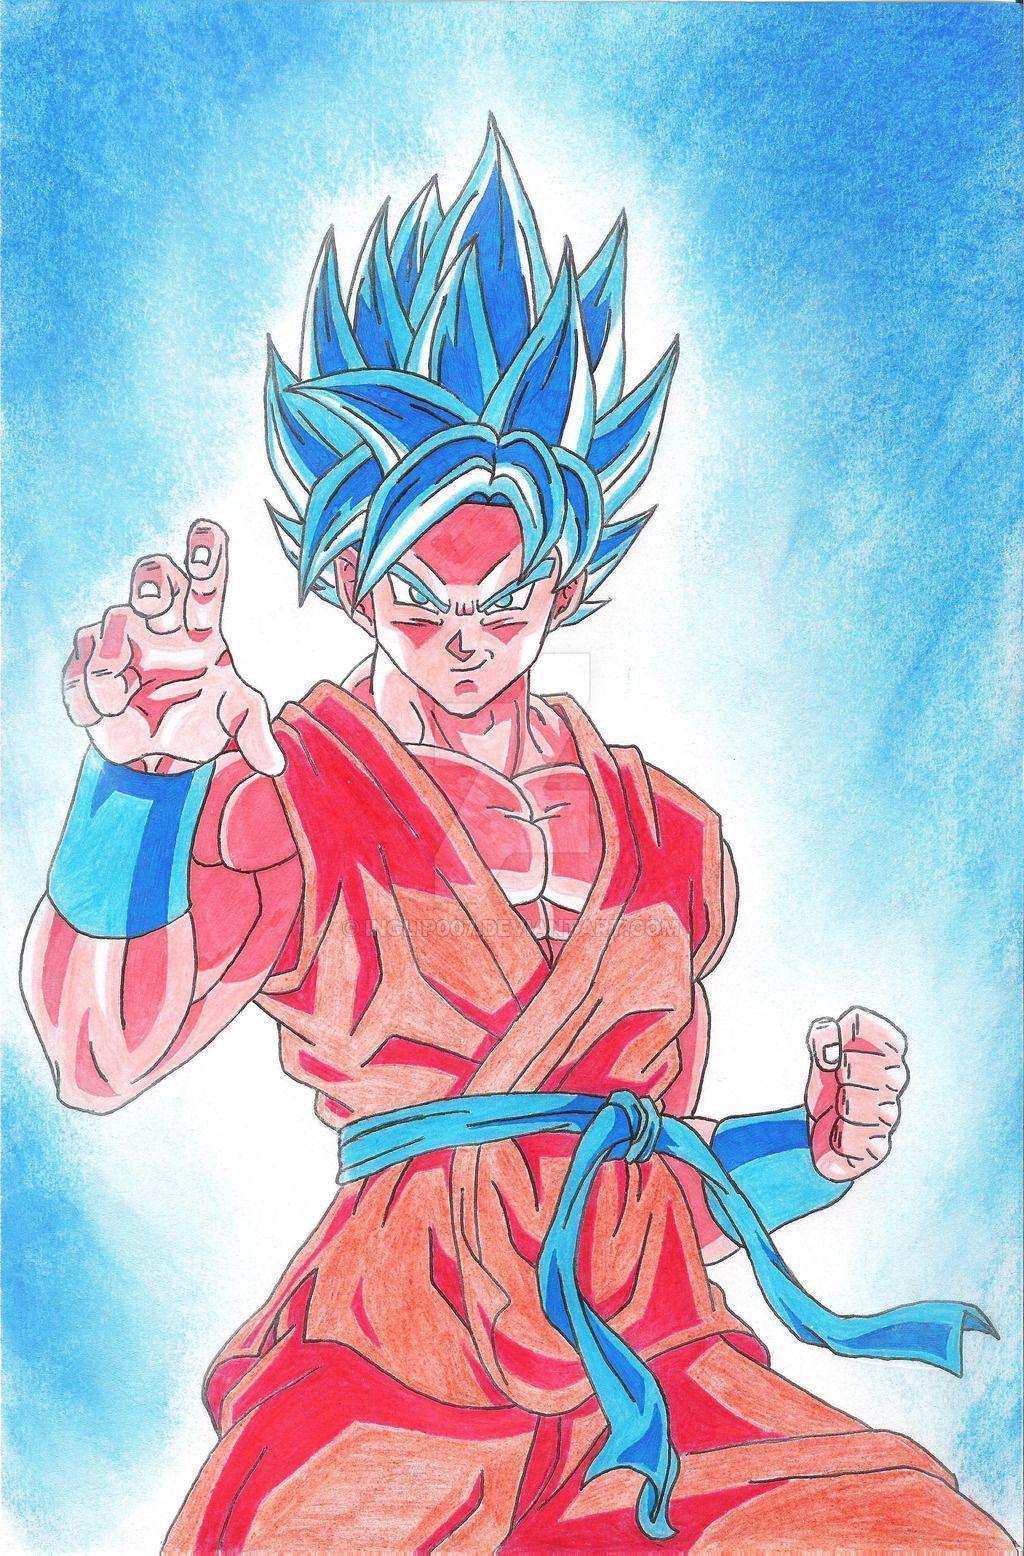 Goku Super Saiyan God Wallpapers Top Free Goku Super Saiyan God